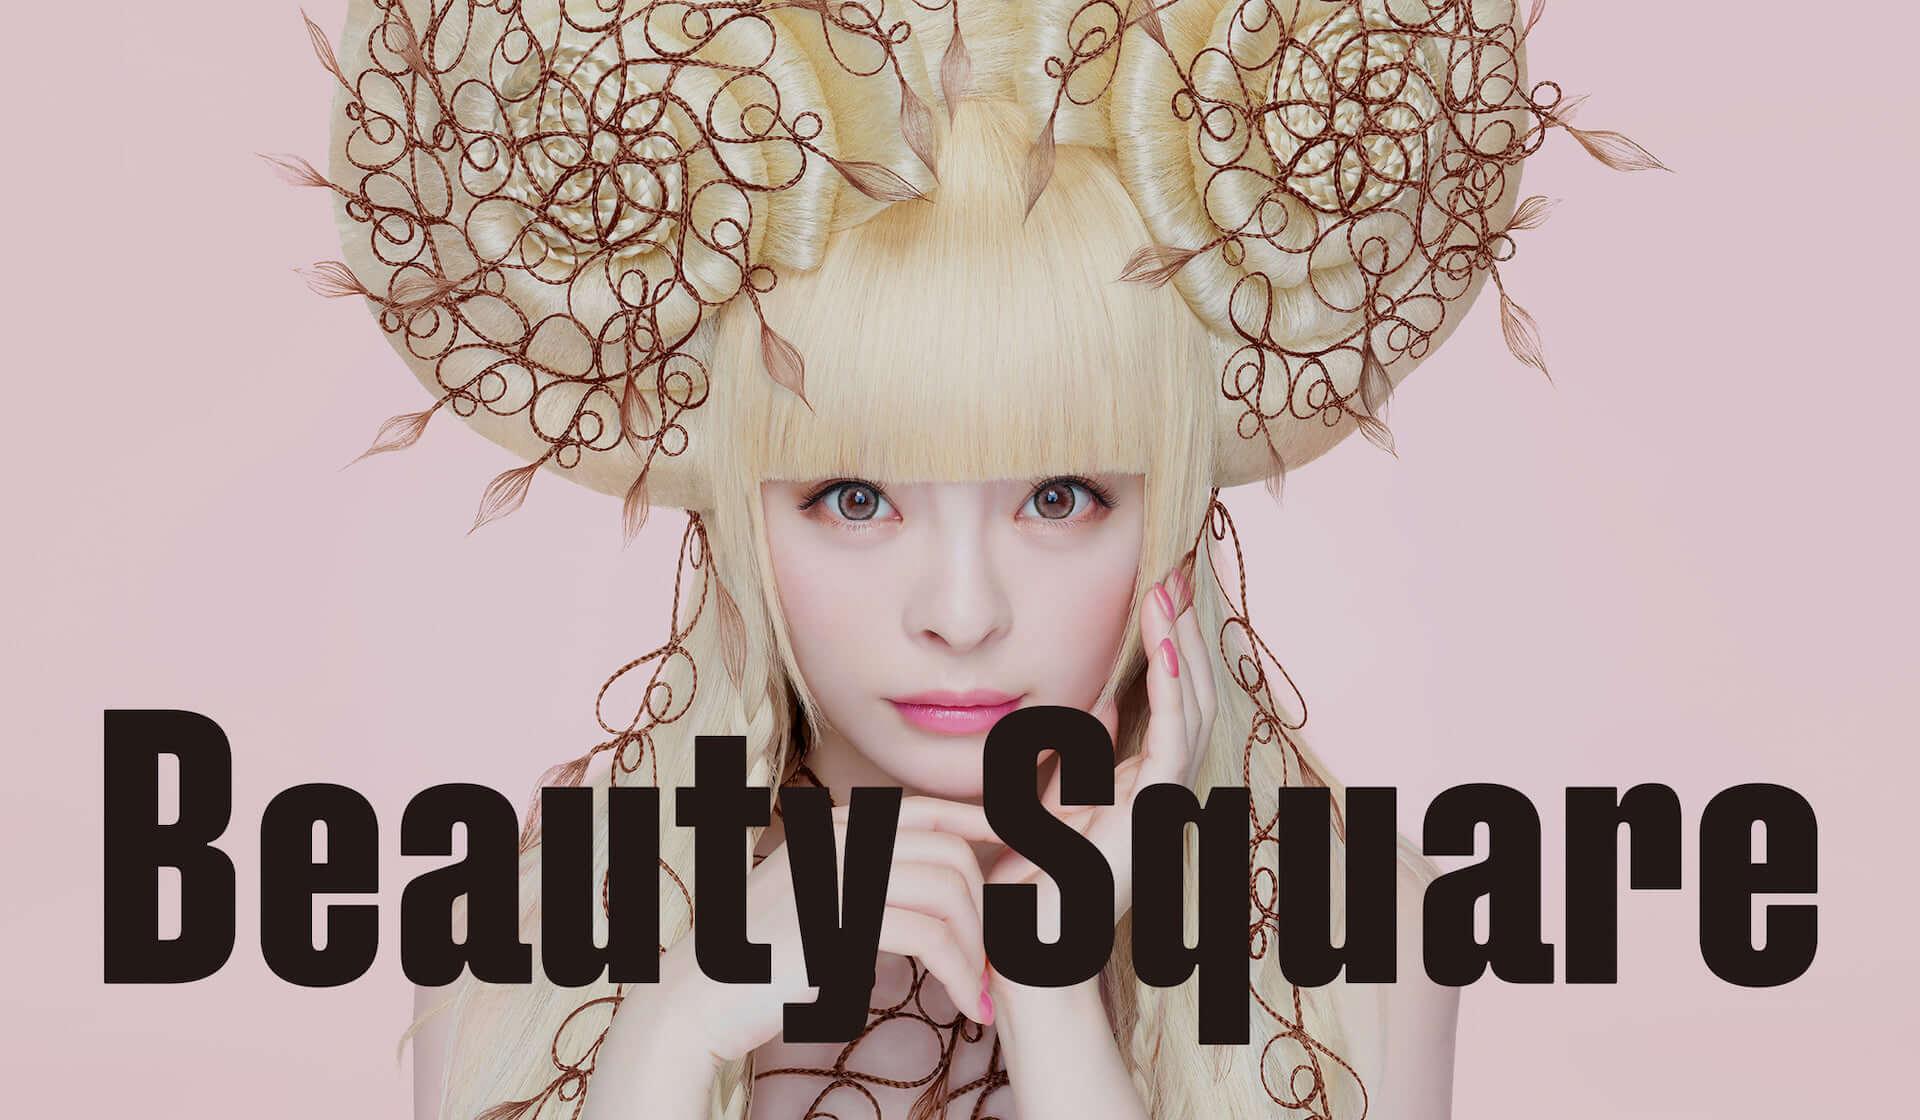 きゃりーぱみゅぱみゅがアンバサダーを務める資生堂・Beauty SquareがWITH HARAJUKUにオープン プロによるヘメイクやデジタルアバターコンテンツが体験できる! d64e1d518ec513b12897d6d46a054324-1920x1120